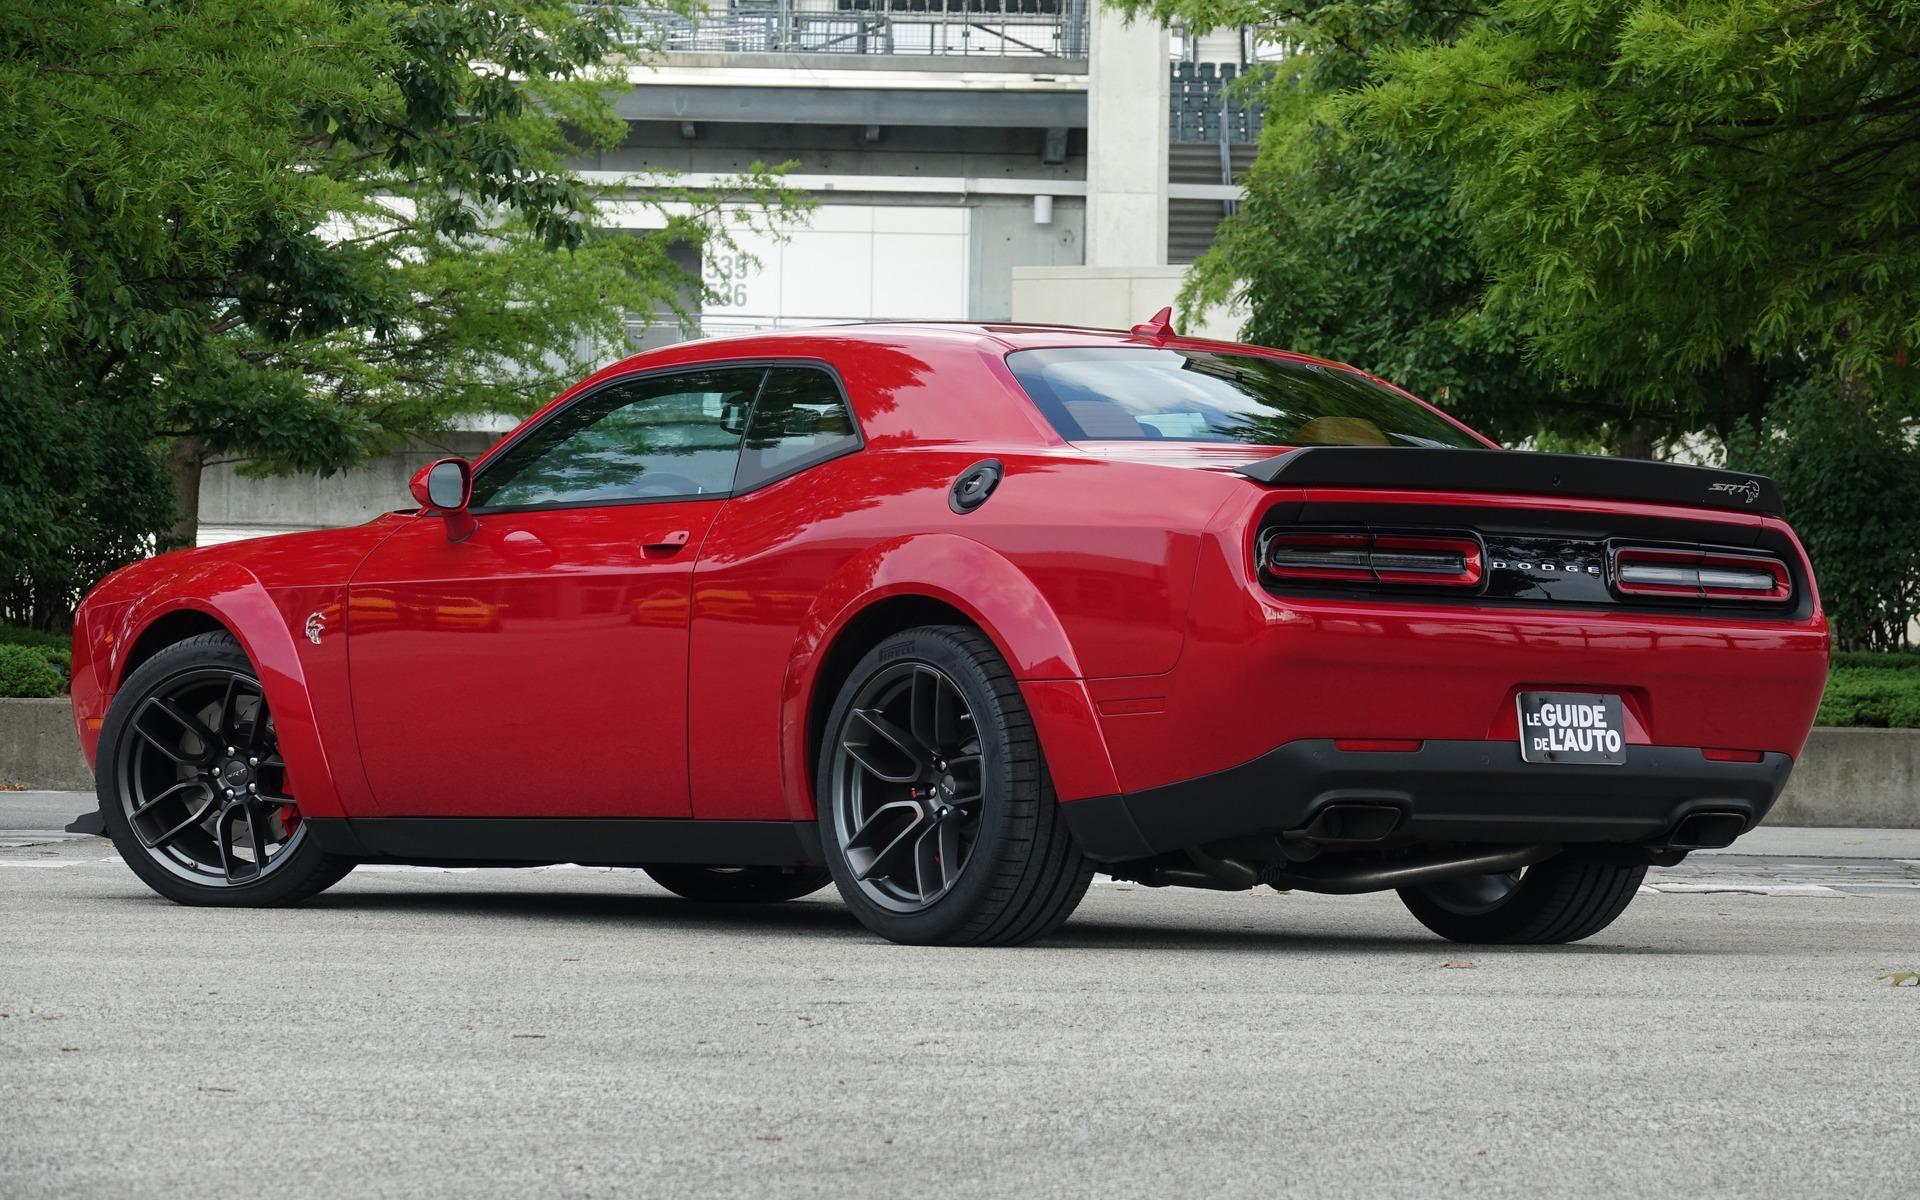 2018 Dodge Challenger Srt Hellcat Widebody The Next